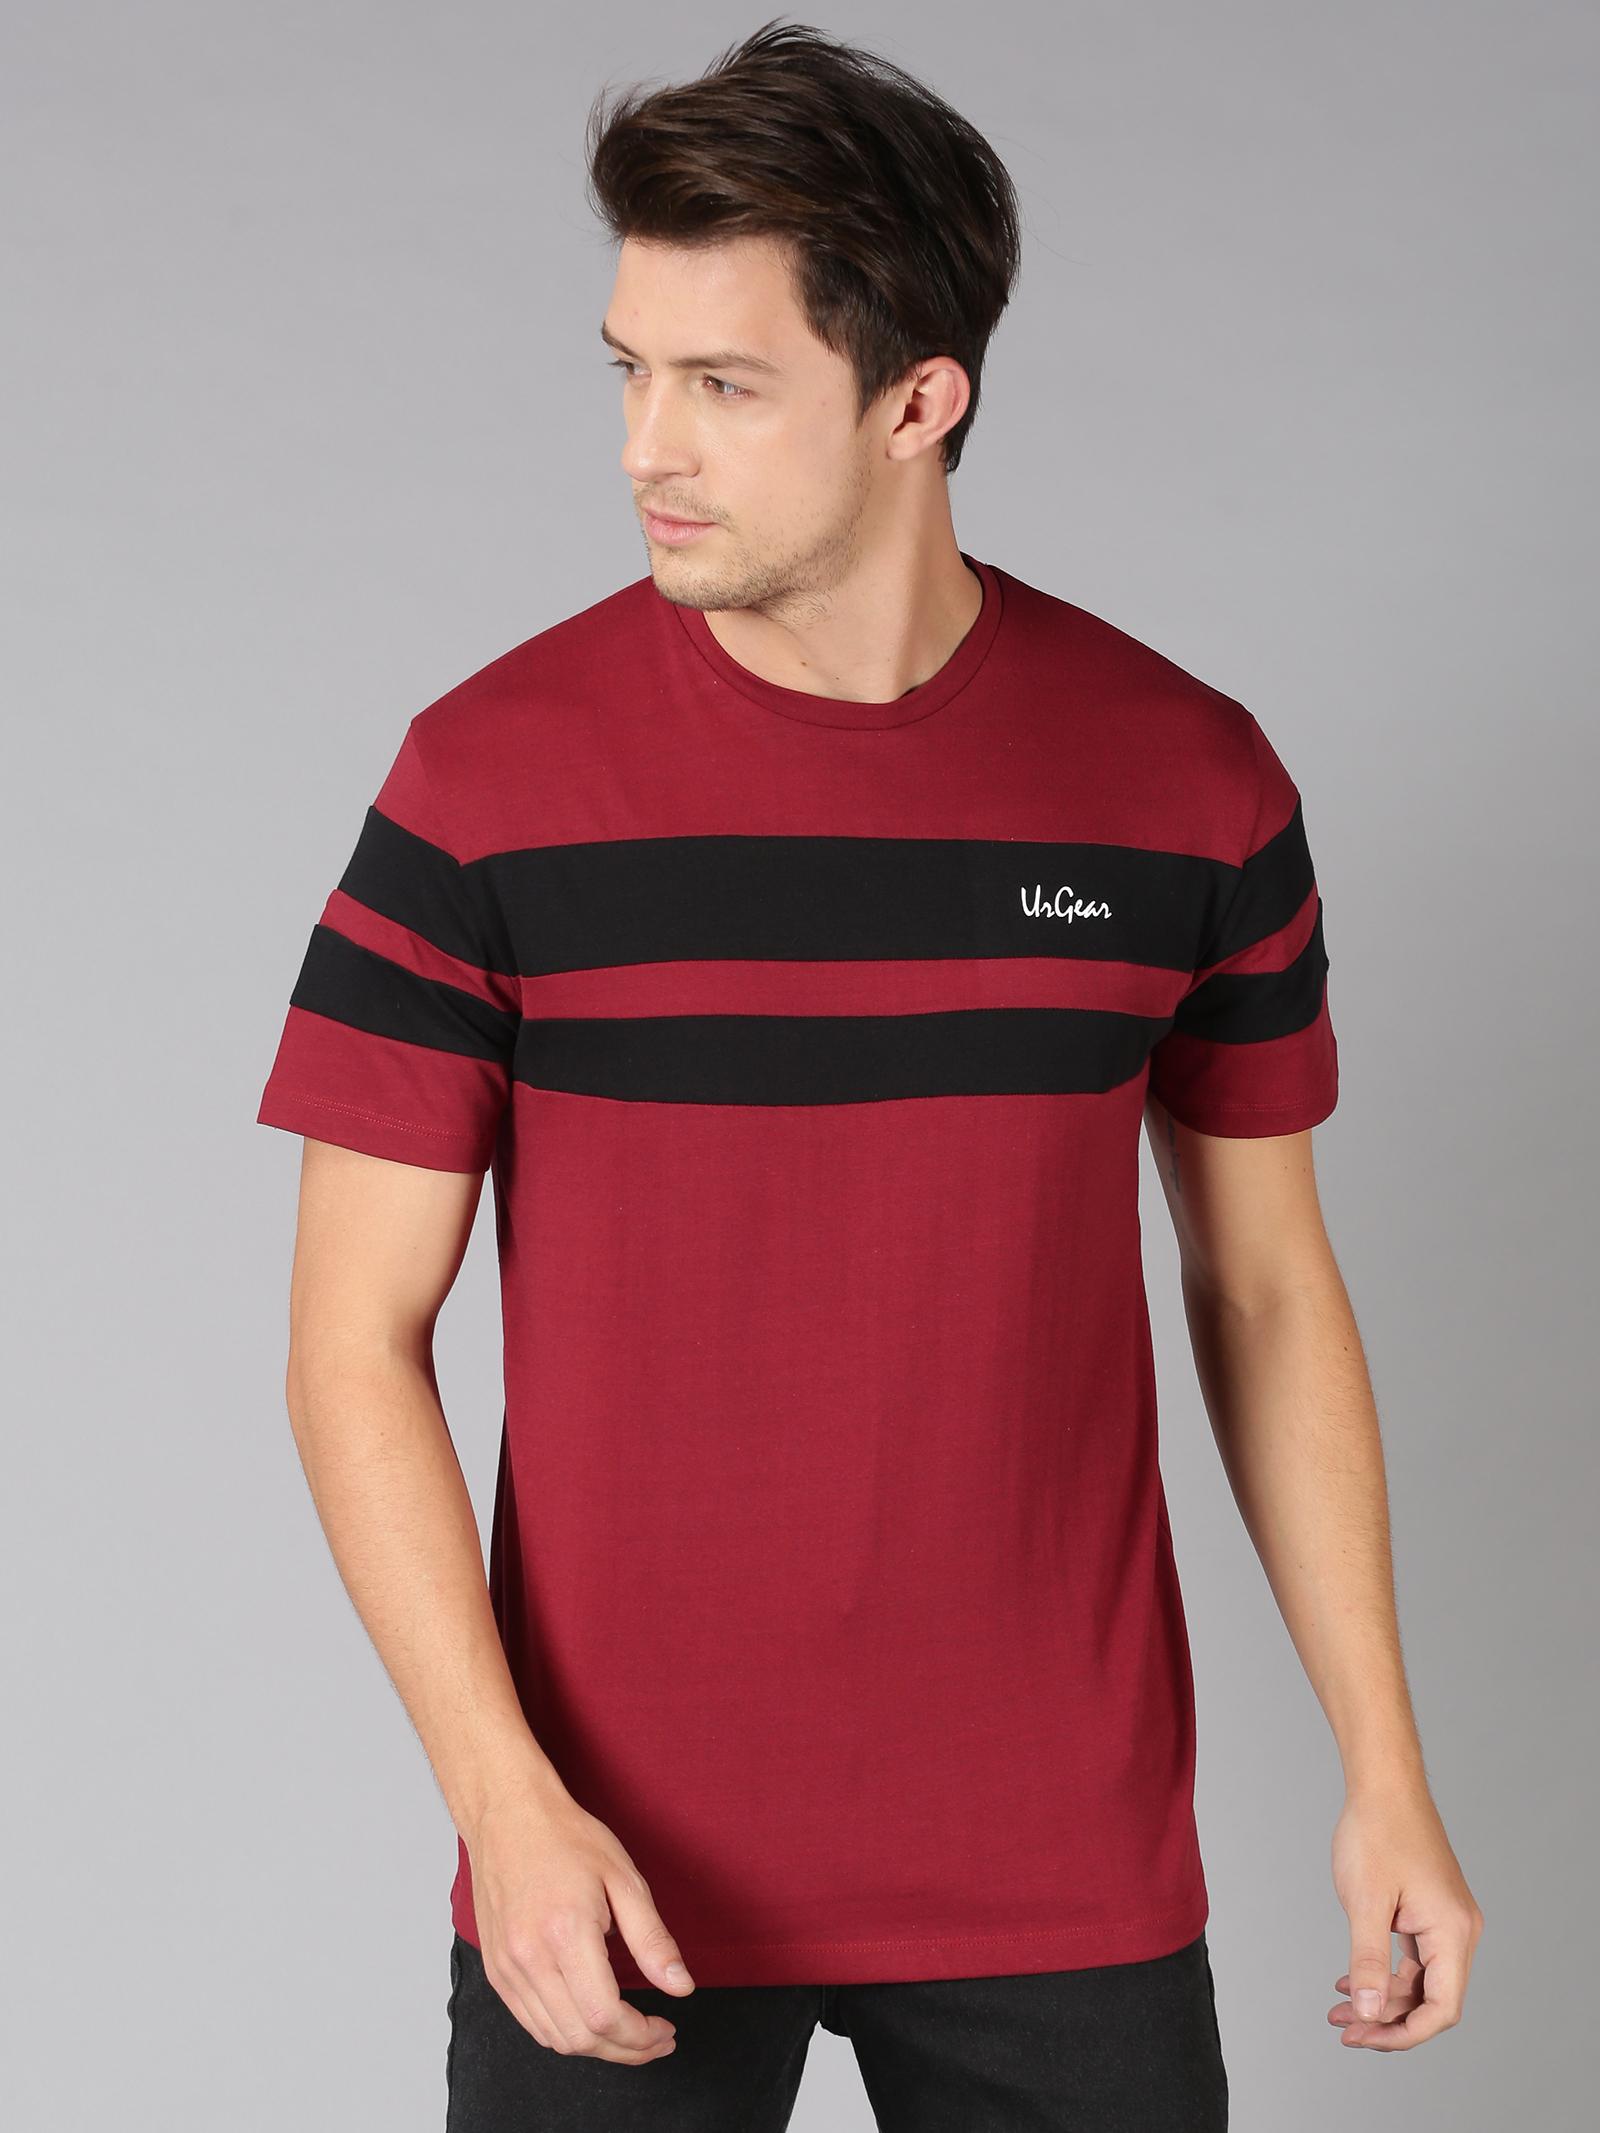 UrGear | UrGear Broad Stripes Men Round Neck Maroon T-Shirt